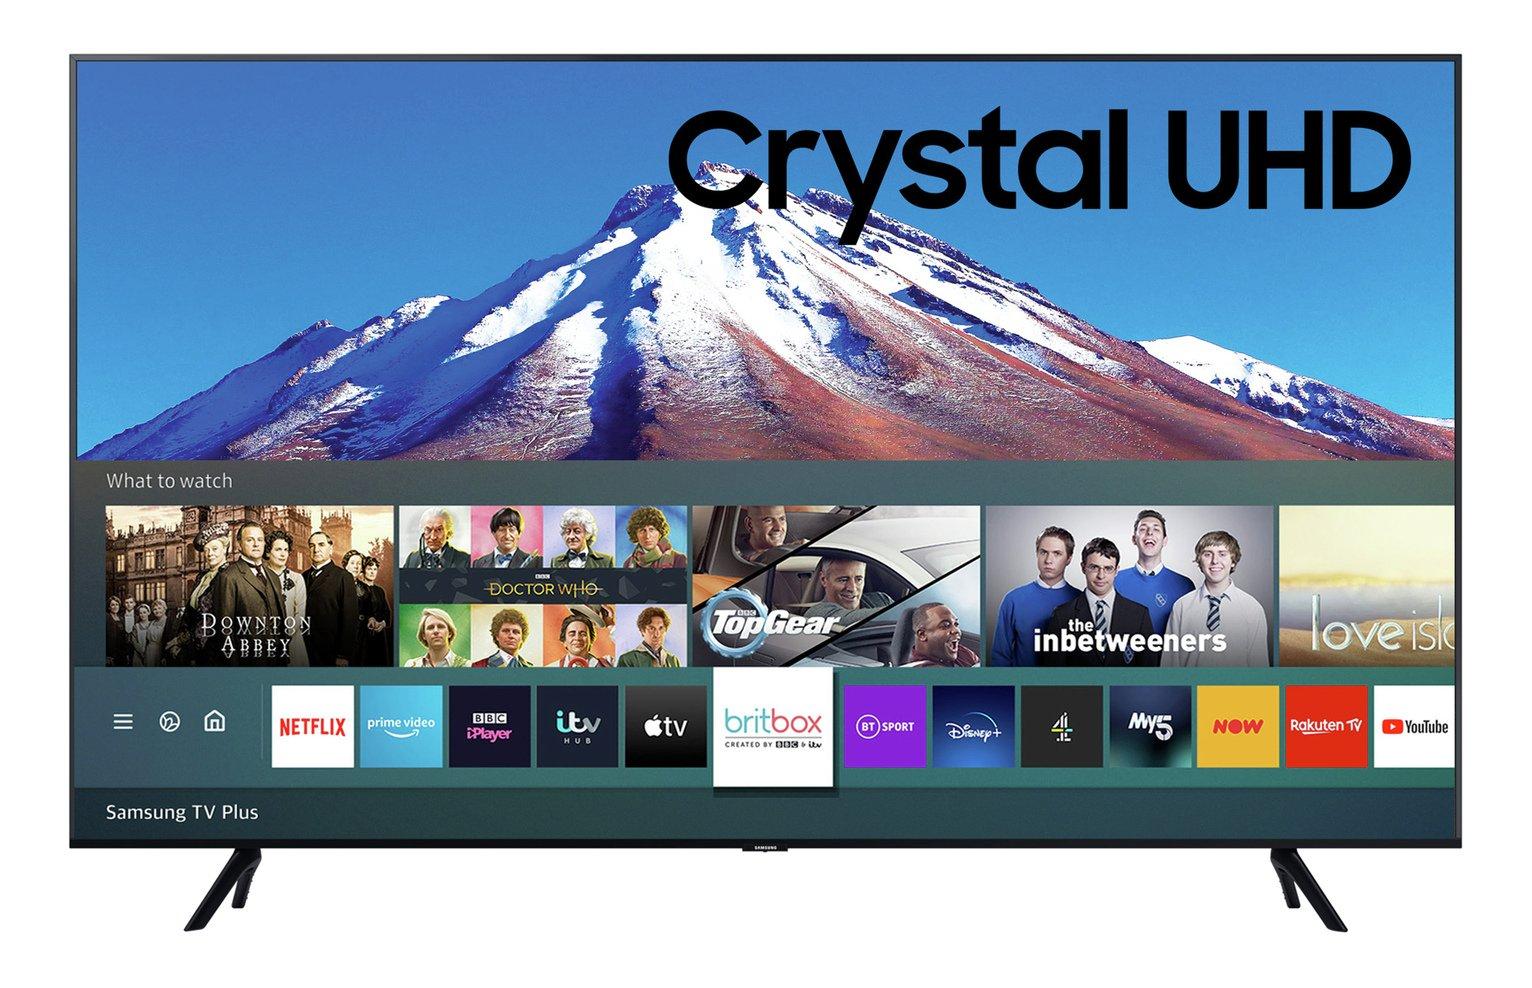 Samsung 50 Inch UE50TU7020 Smart 4K Ultra HD TV With HDR + FREE Samsung HW-Q60T 5.1Ch Bluetooth Sound Bar with Wireless Sub £429 @ Argos